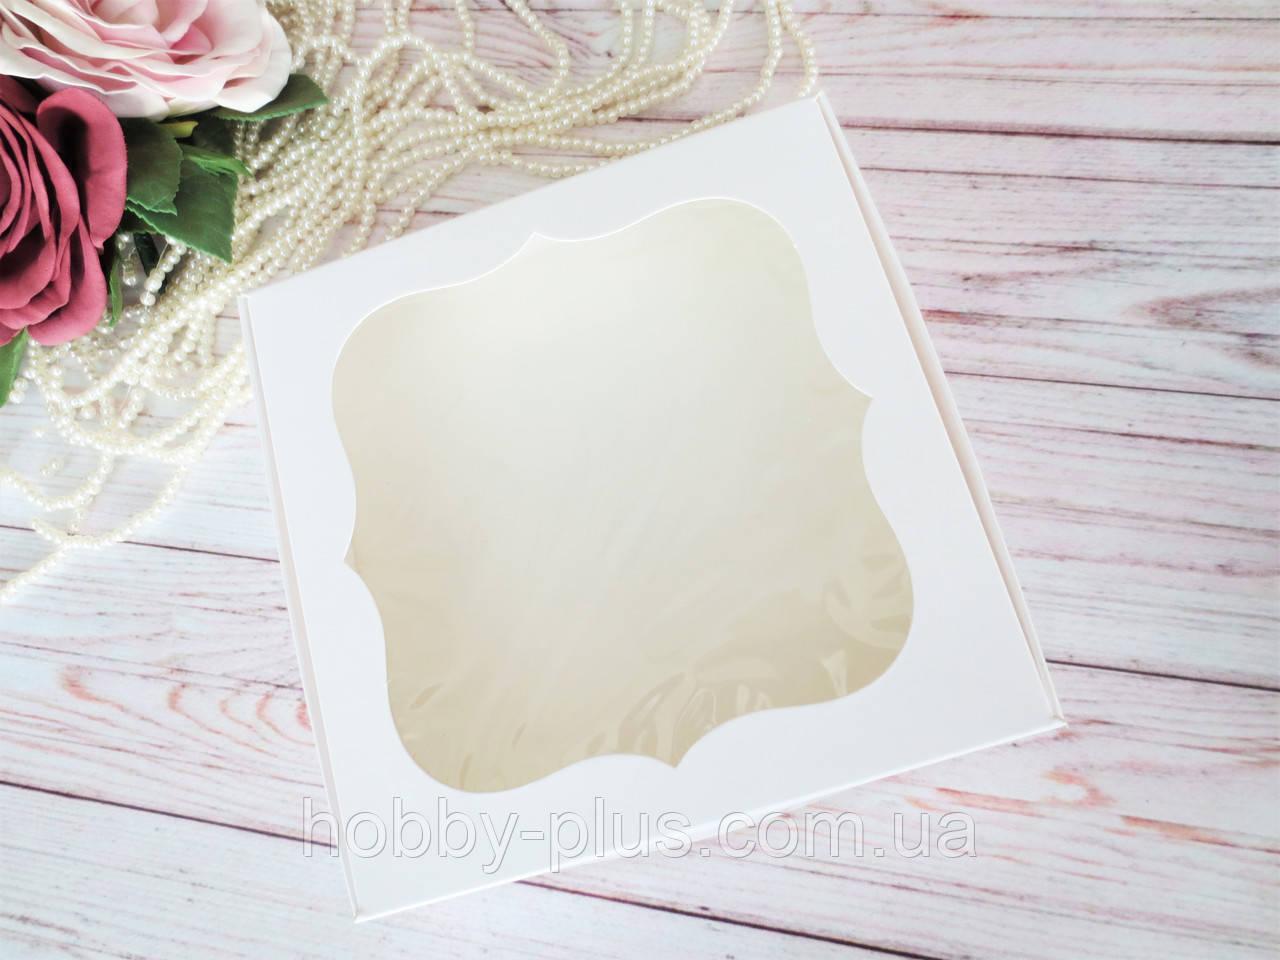 Коробка для изделий ручной работы с окном, 150х150х30 мм, цвет белый, 1шт